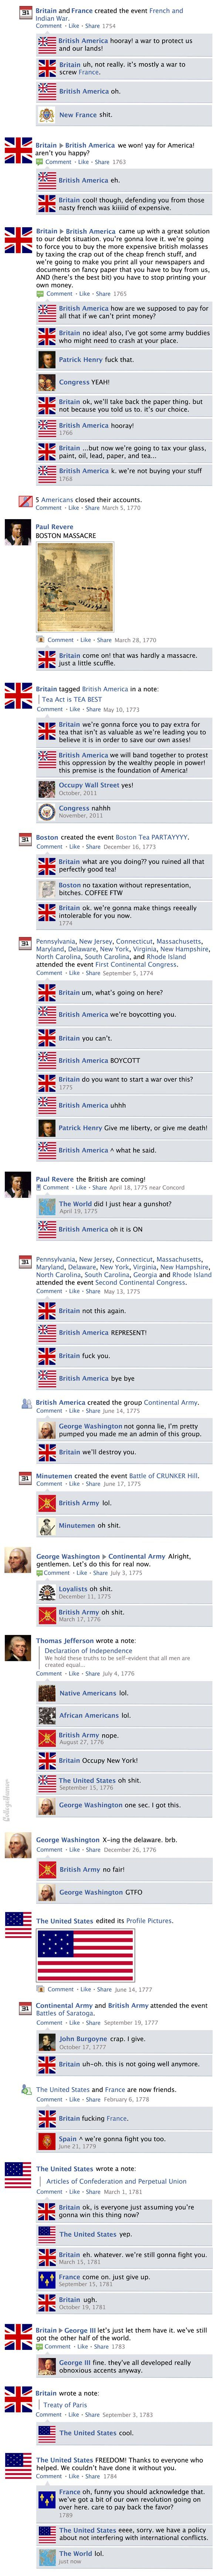 Revolutionary War Facebook News Feed